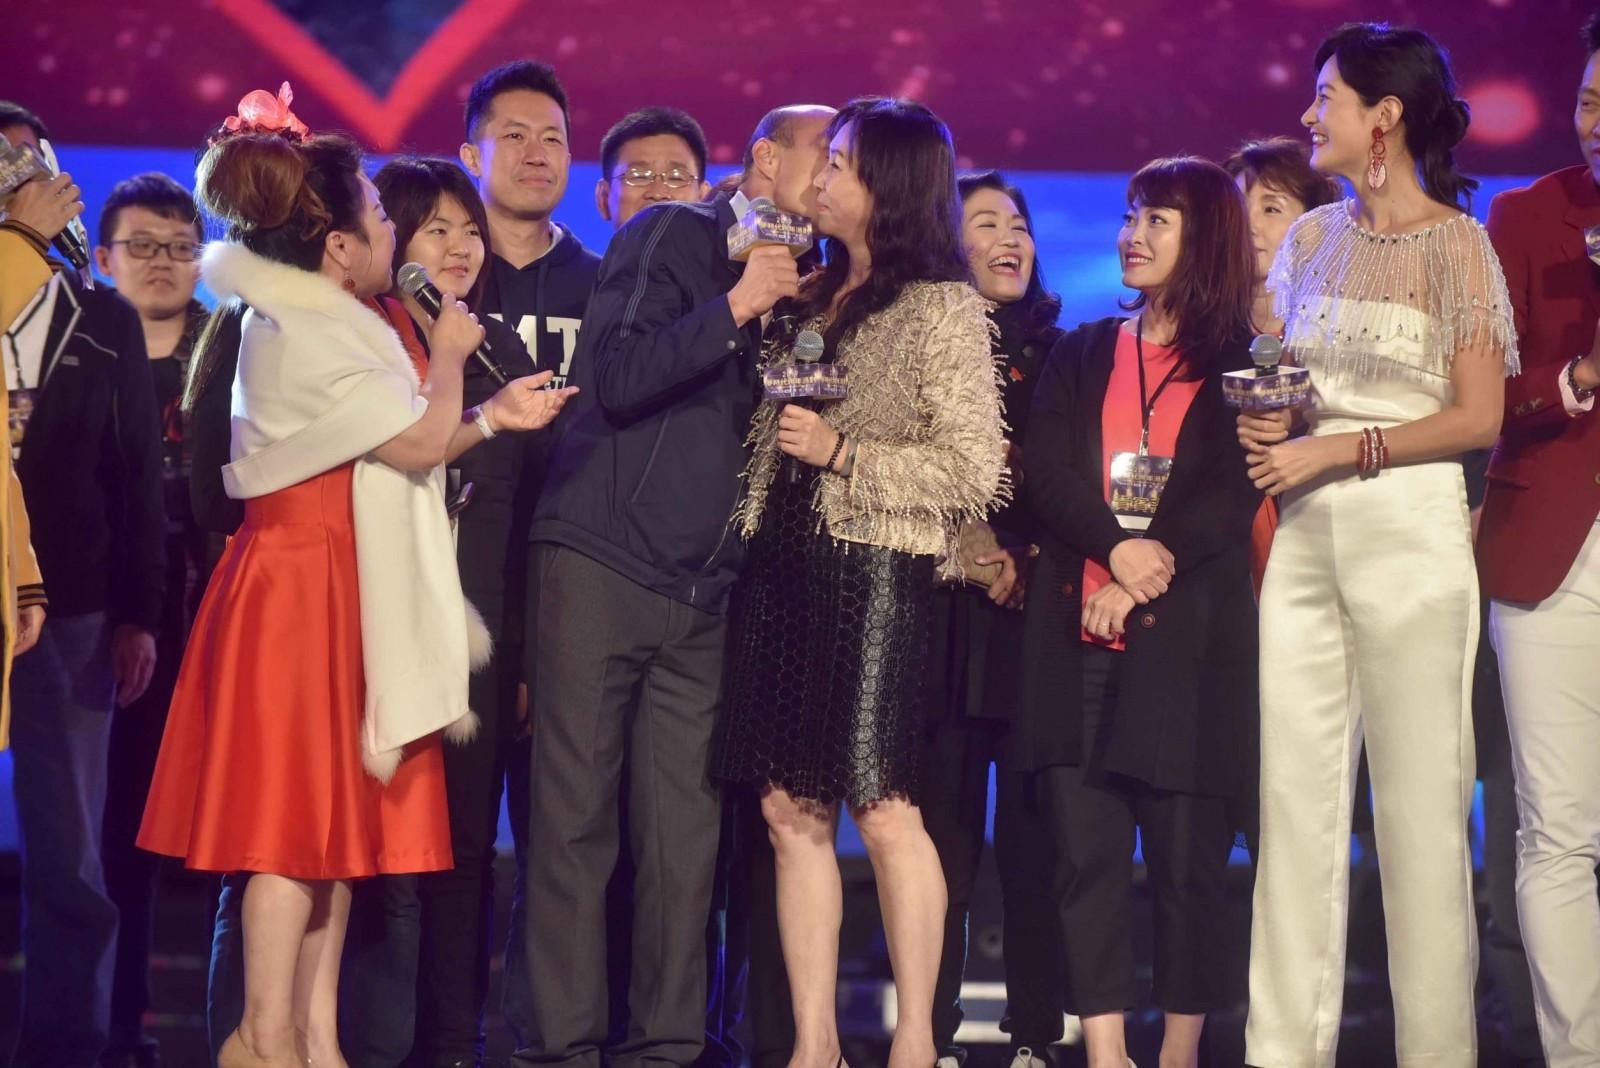 跨年爆棚 夢時代湧80萬人 韓國瑜夫婦開金嗓